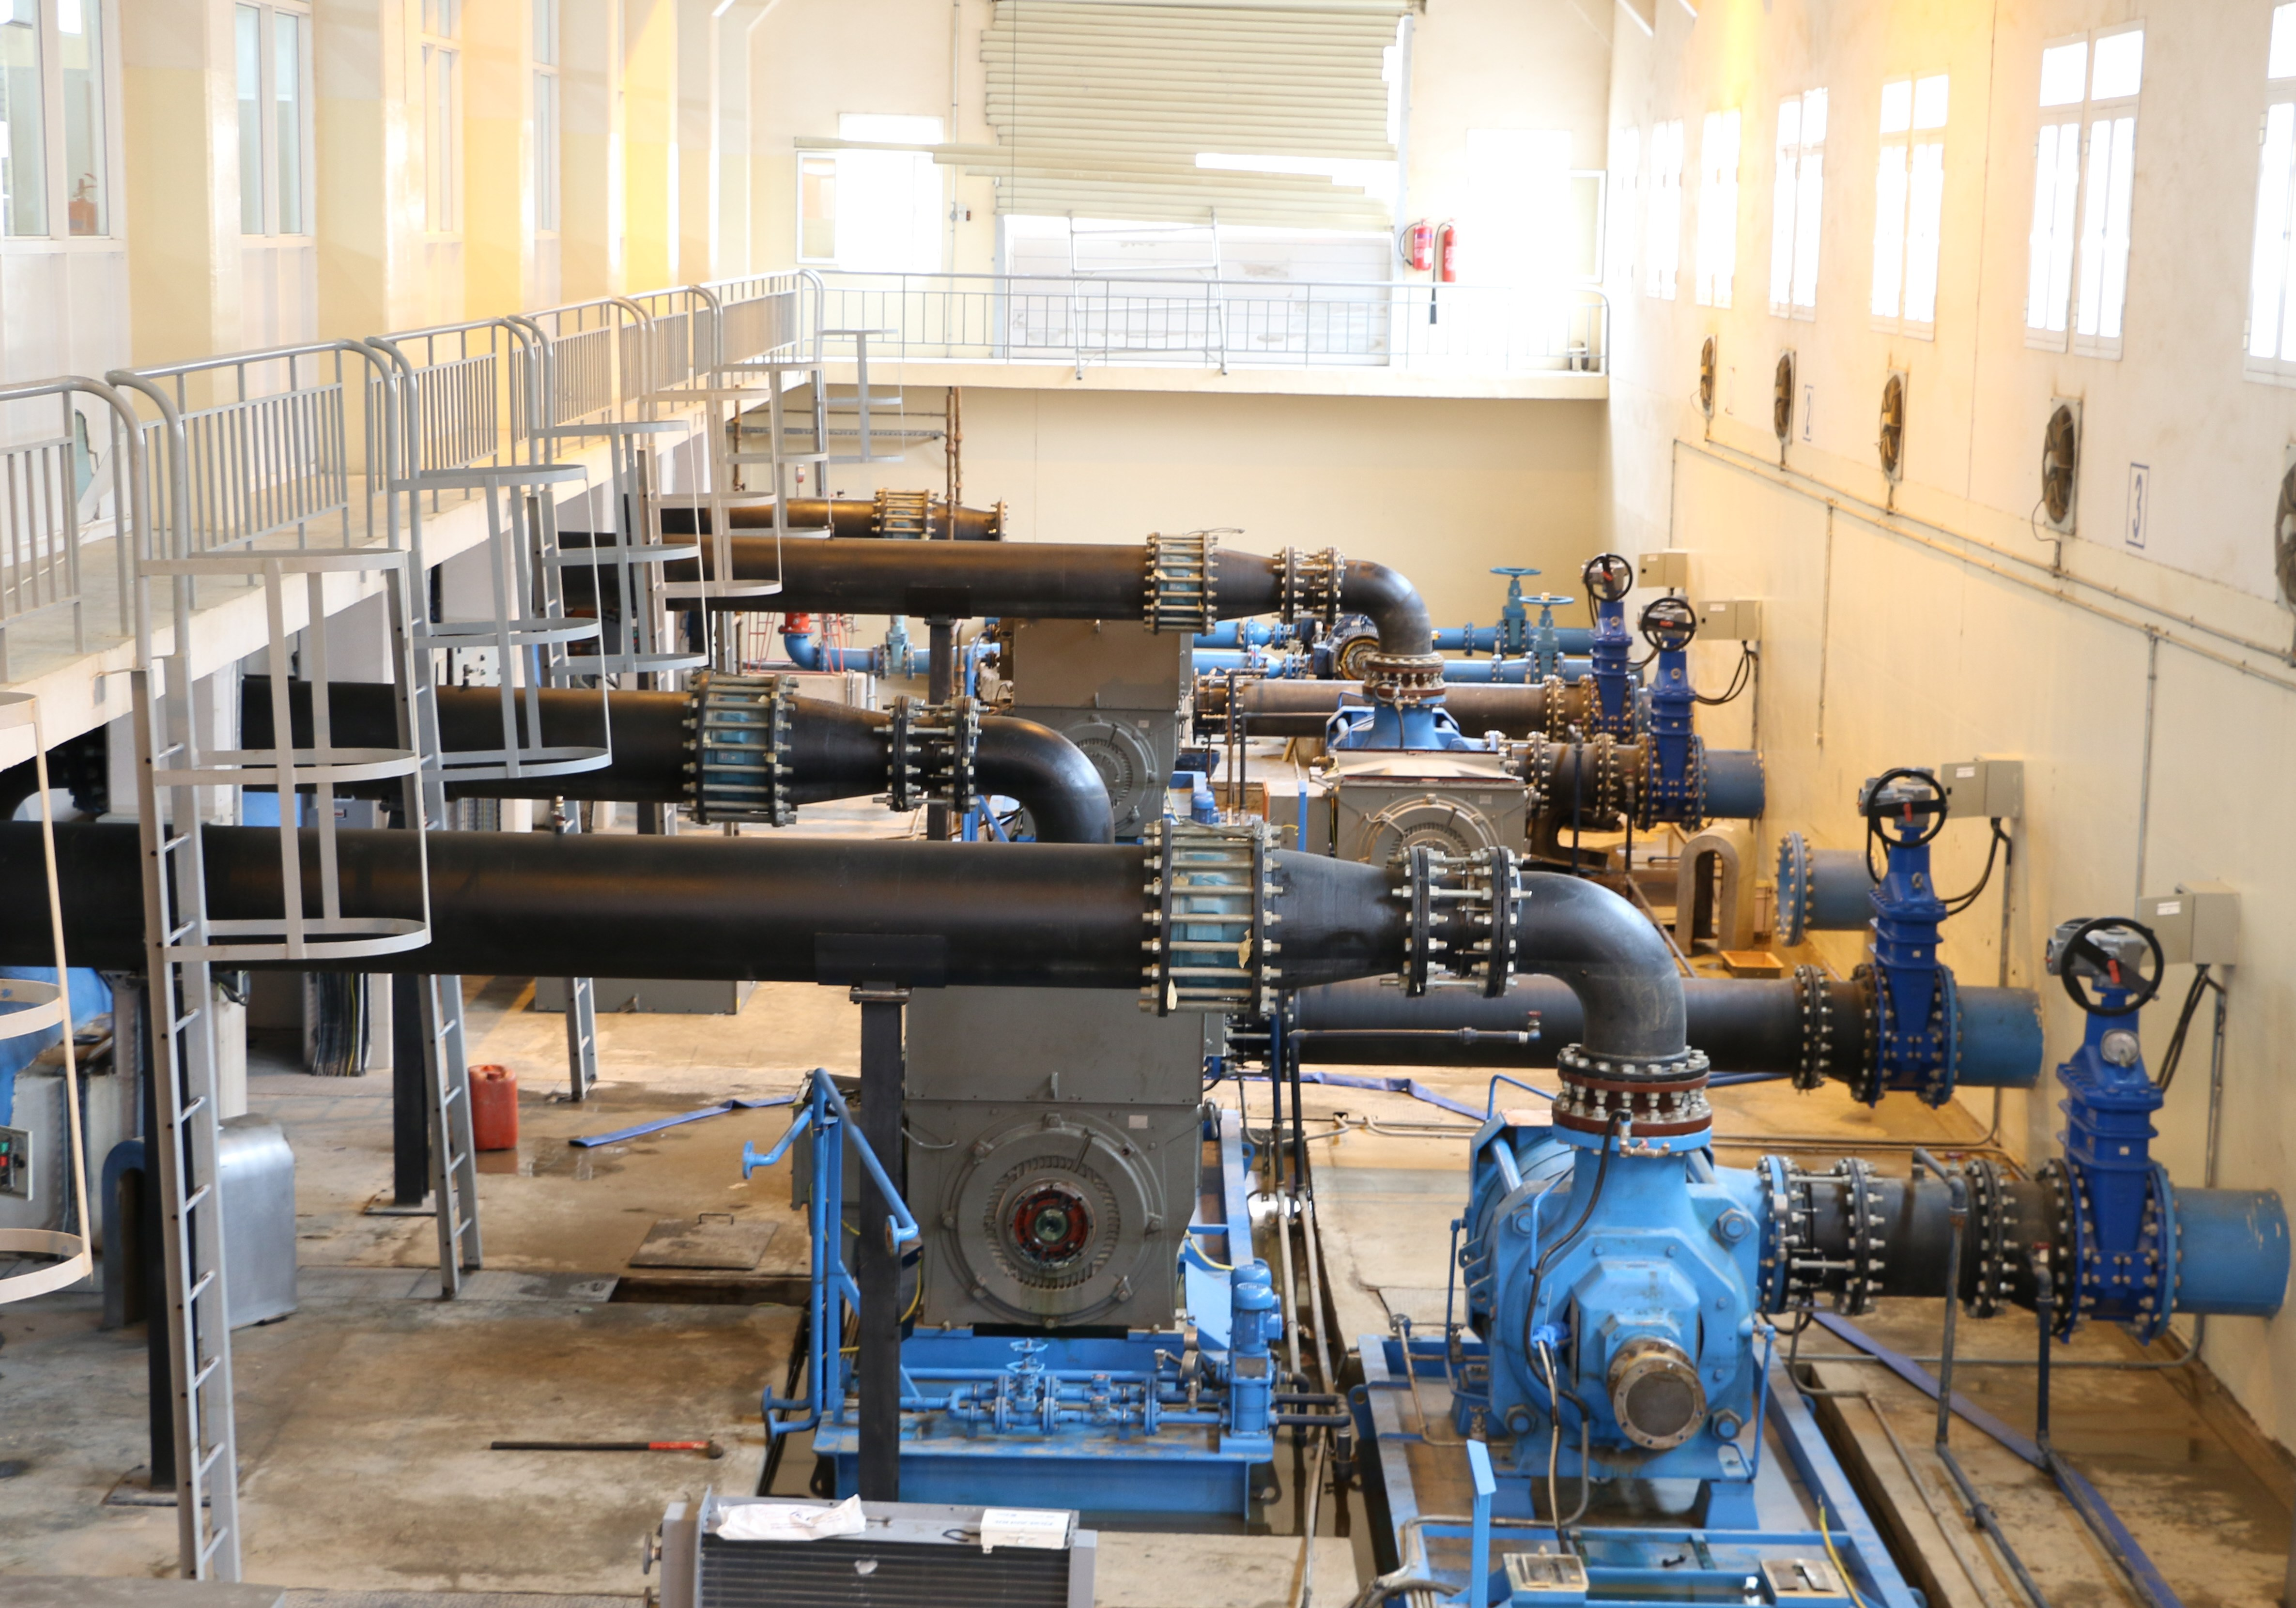 الكهرباء والمياه تباشر إصلاح الخلل الفني في محطة الضخ بفنجاء وتُفِّعل خطة الطوارئ